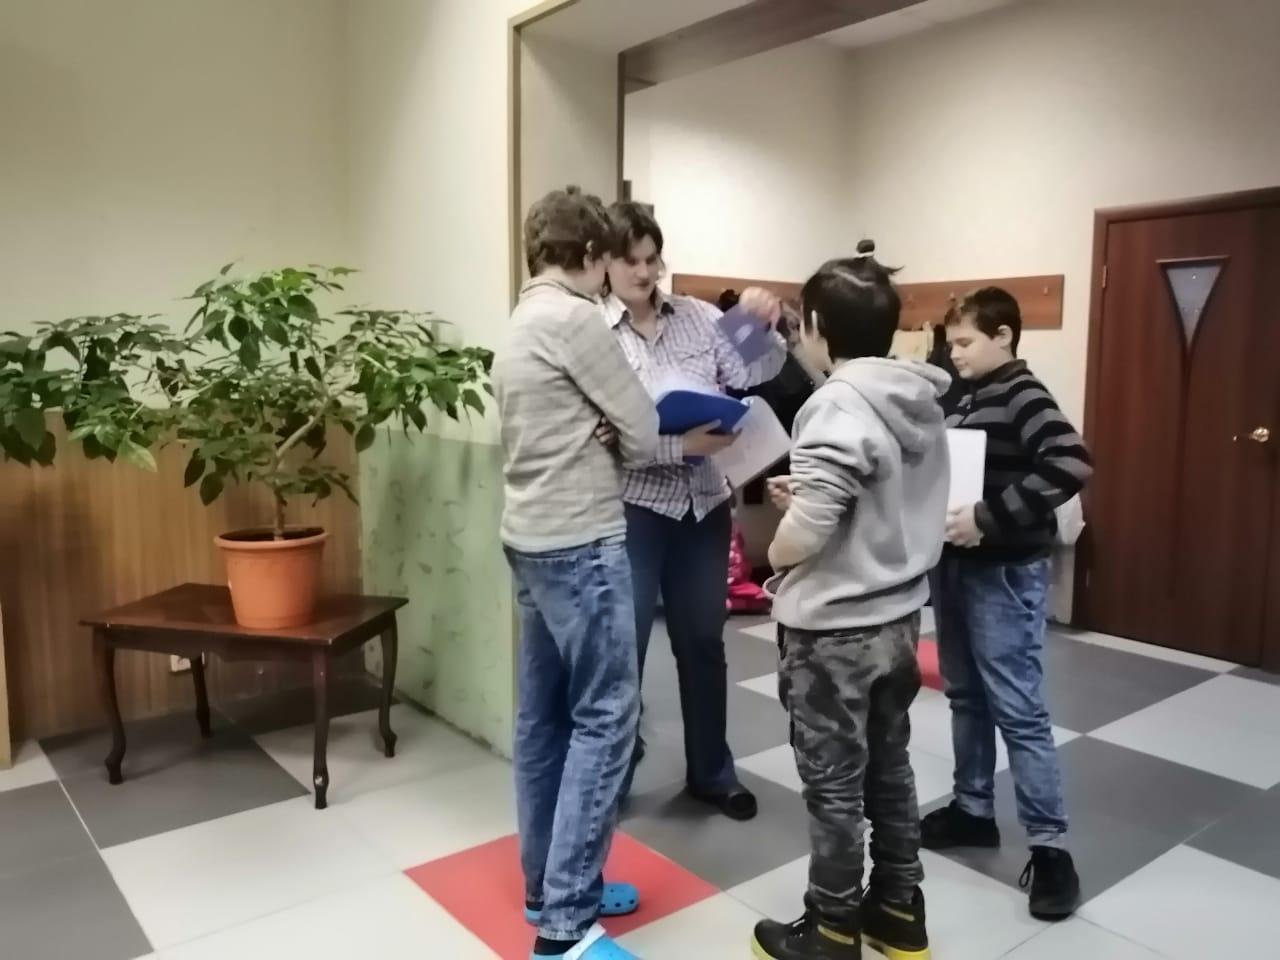 Квест по Игре Cluedo и блок Игротеки в Клубе настольных игр КАМин-6